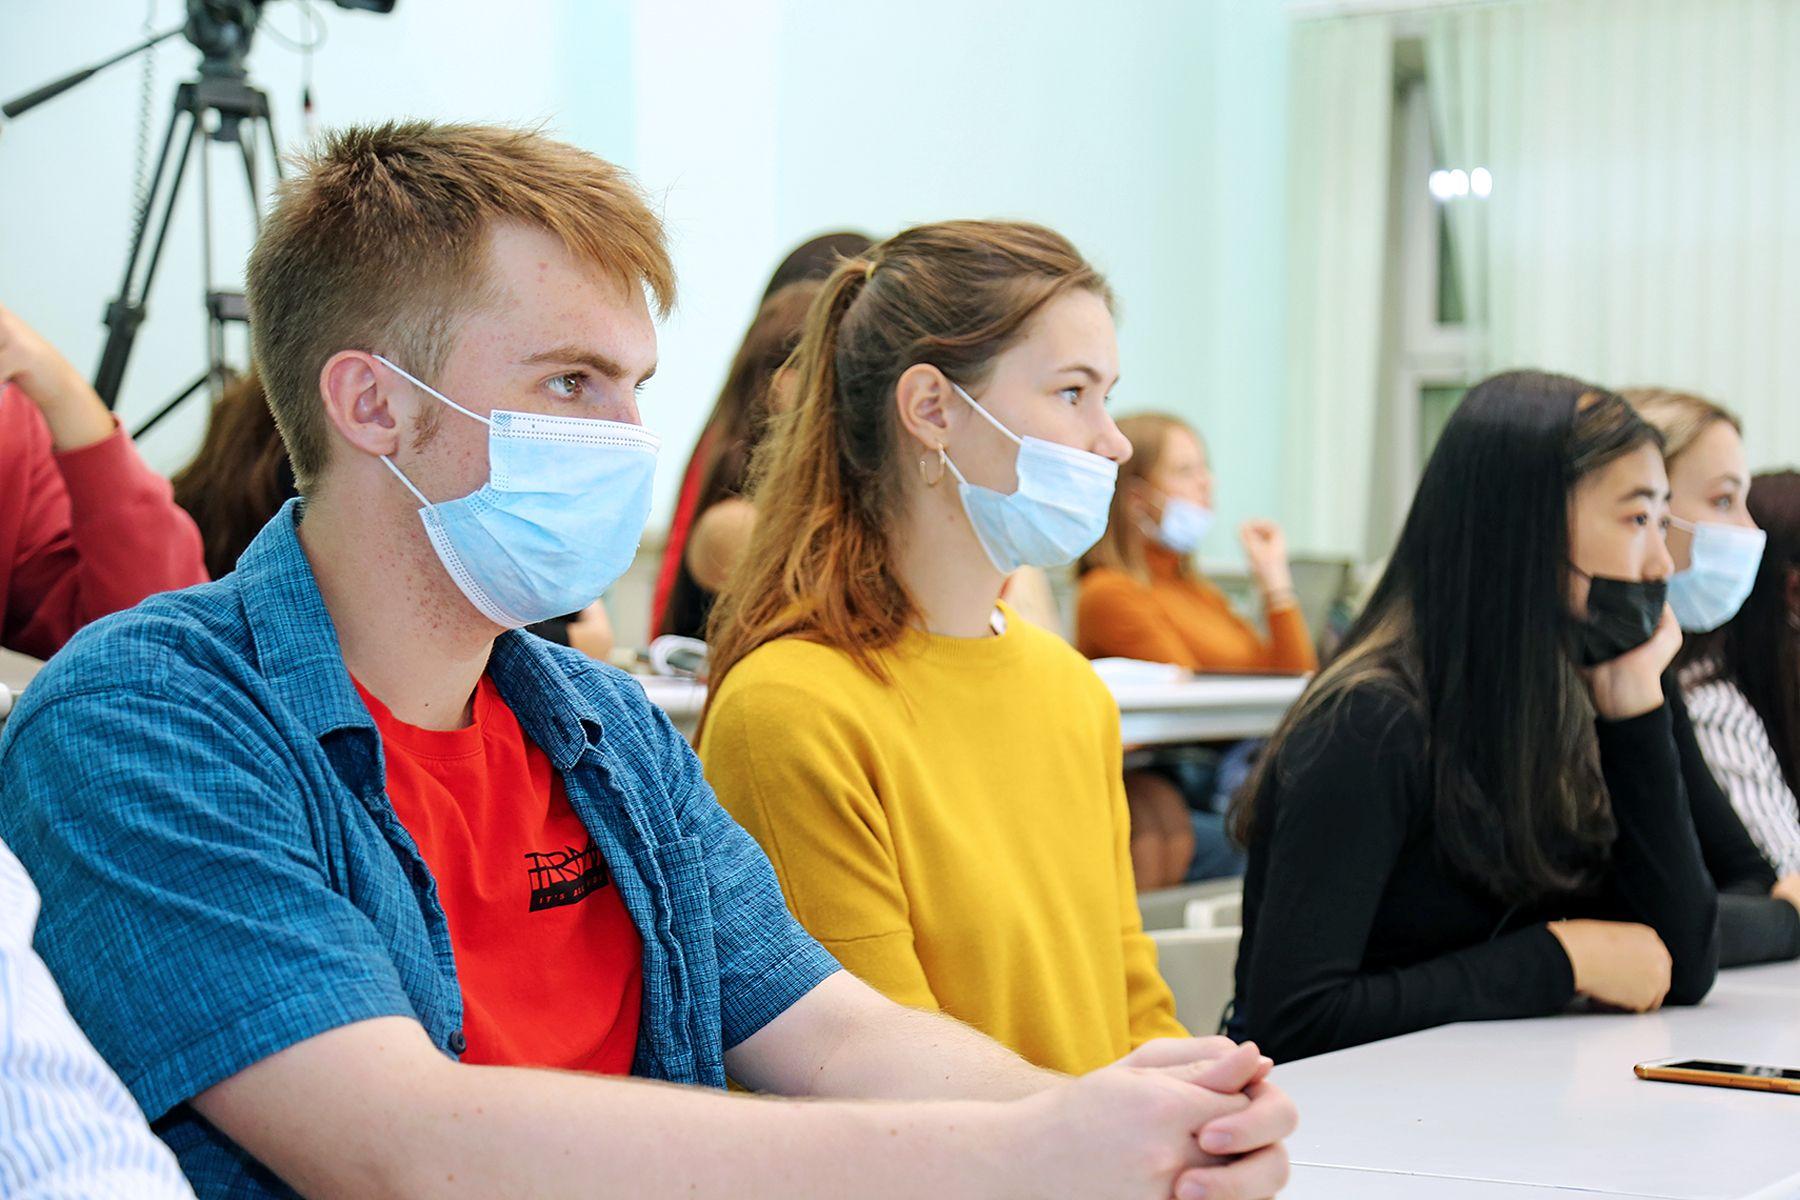 Высшая школа телевидения ВГУЭС: более 80 первокурсников выбрали профили бакалавриата «Мультимедийная журналистика» и «Реклама и связи с общественностью»